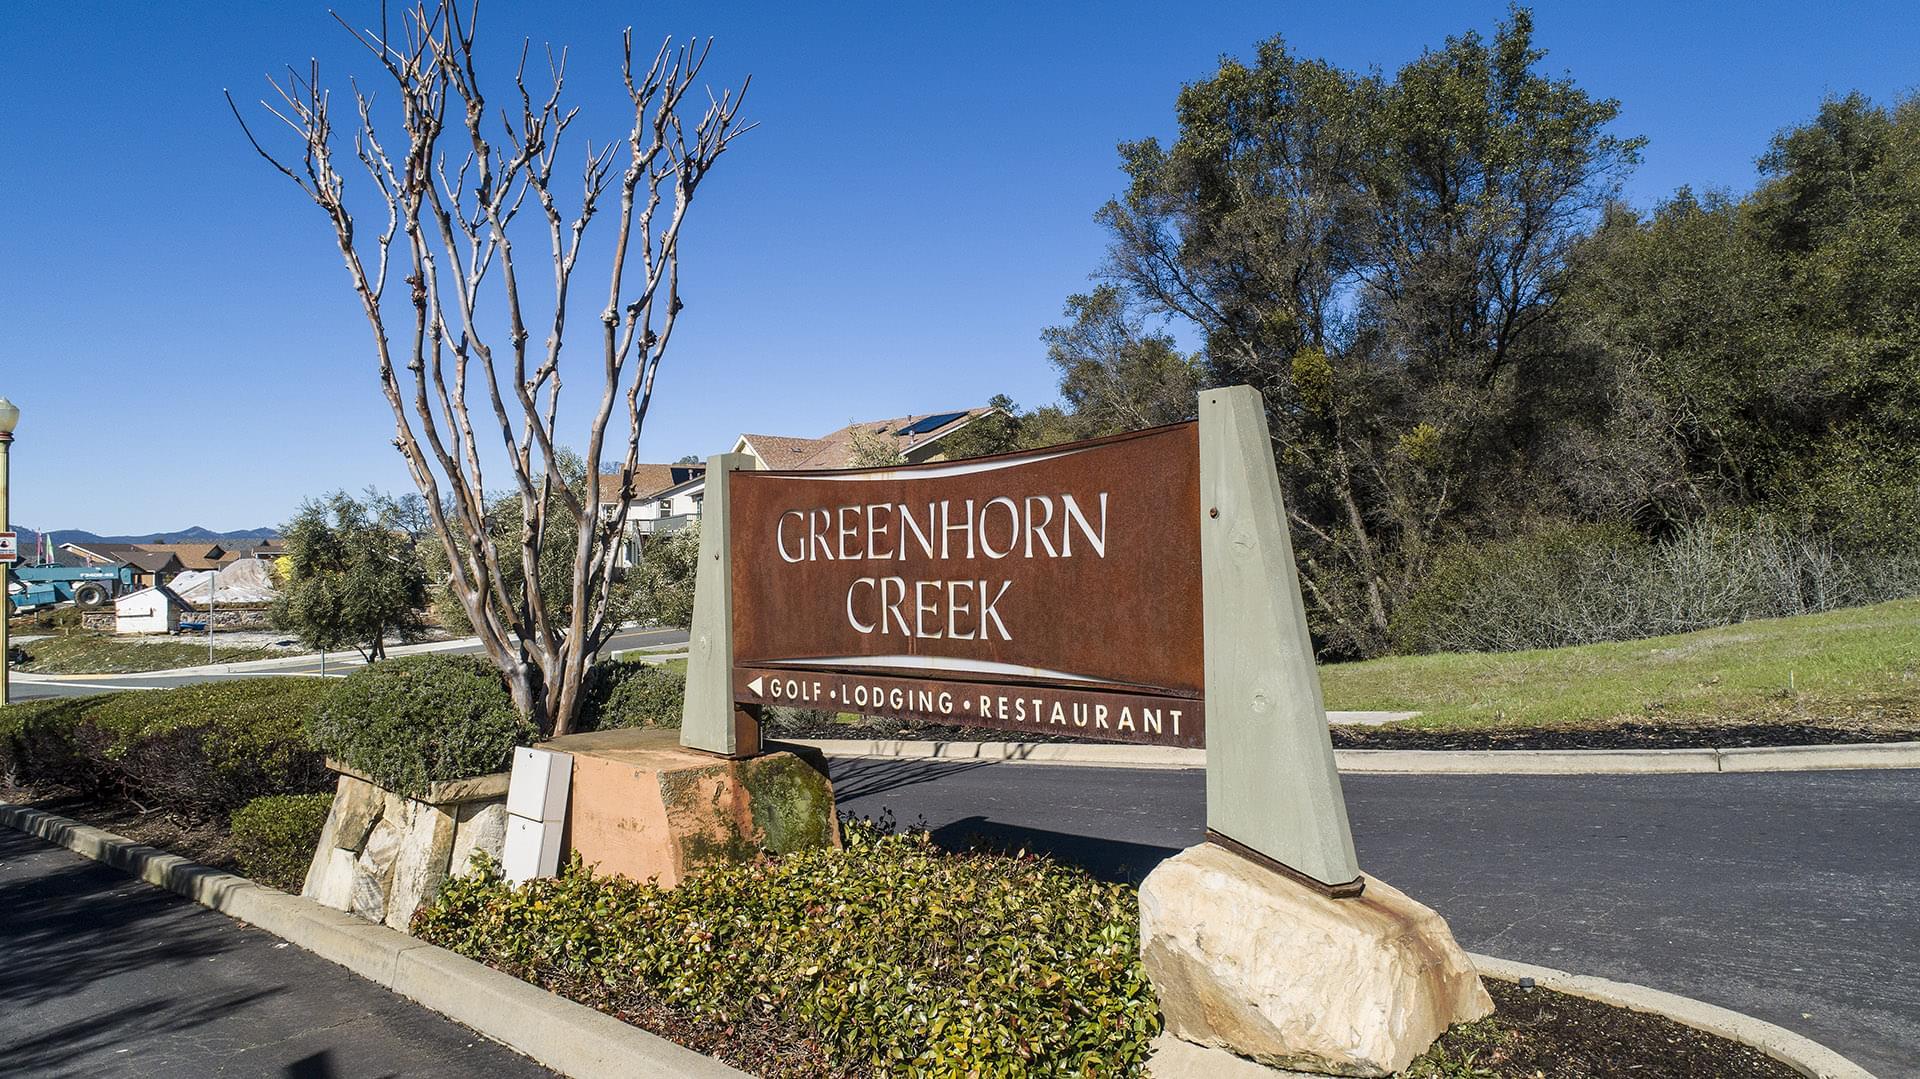 Greenhorn Creek